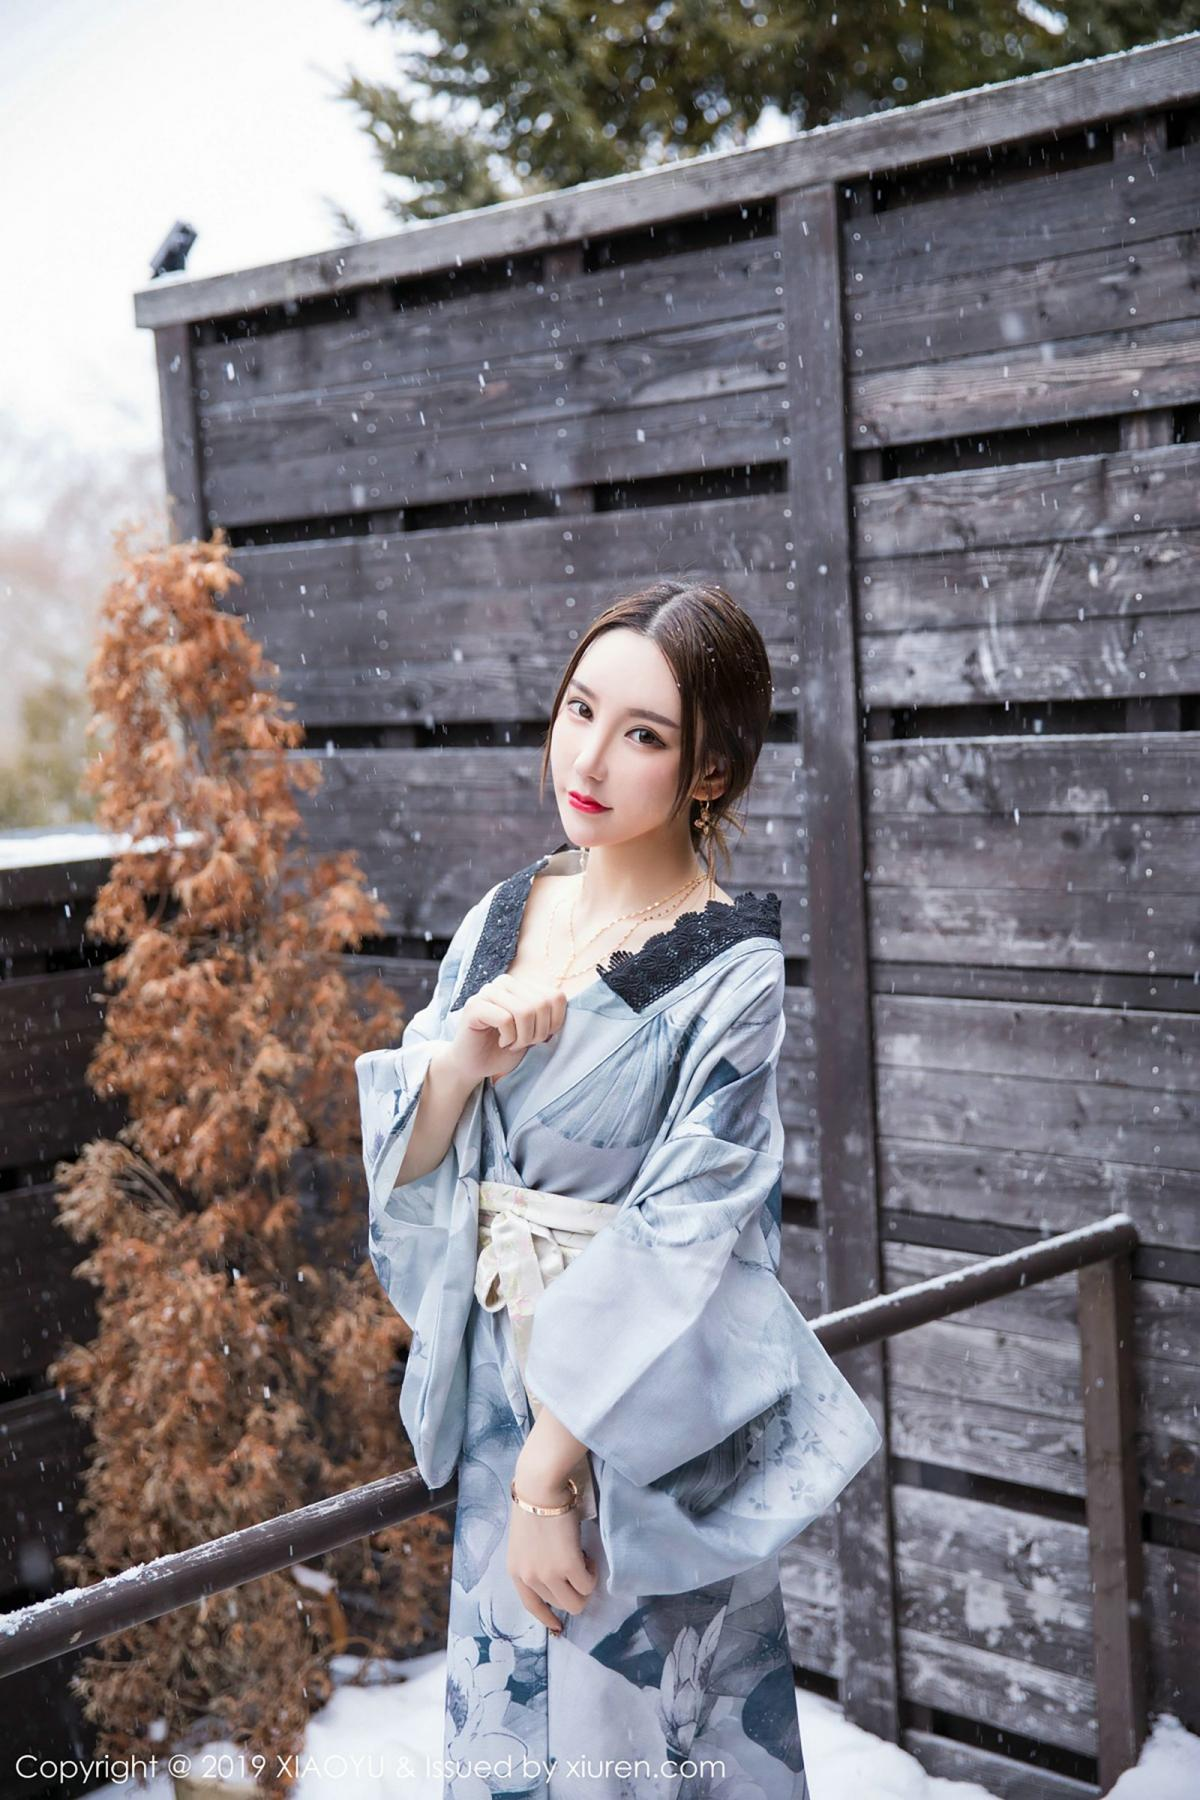 [XiaoYu] Vol.007 Zhou Yu Xi 18P, Snow, Tall, XiaoYu, Zhou Yu Xi